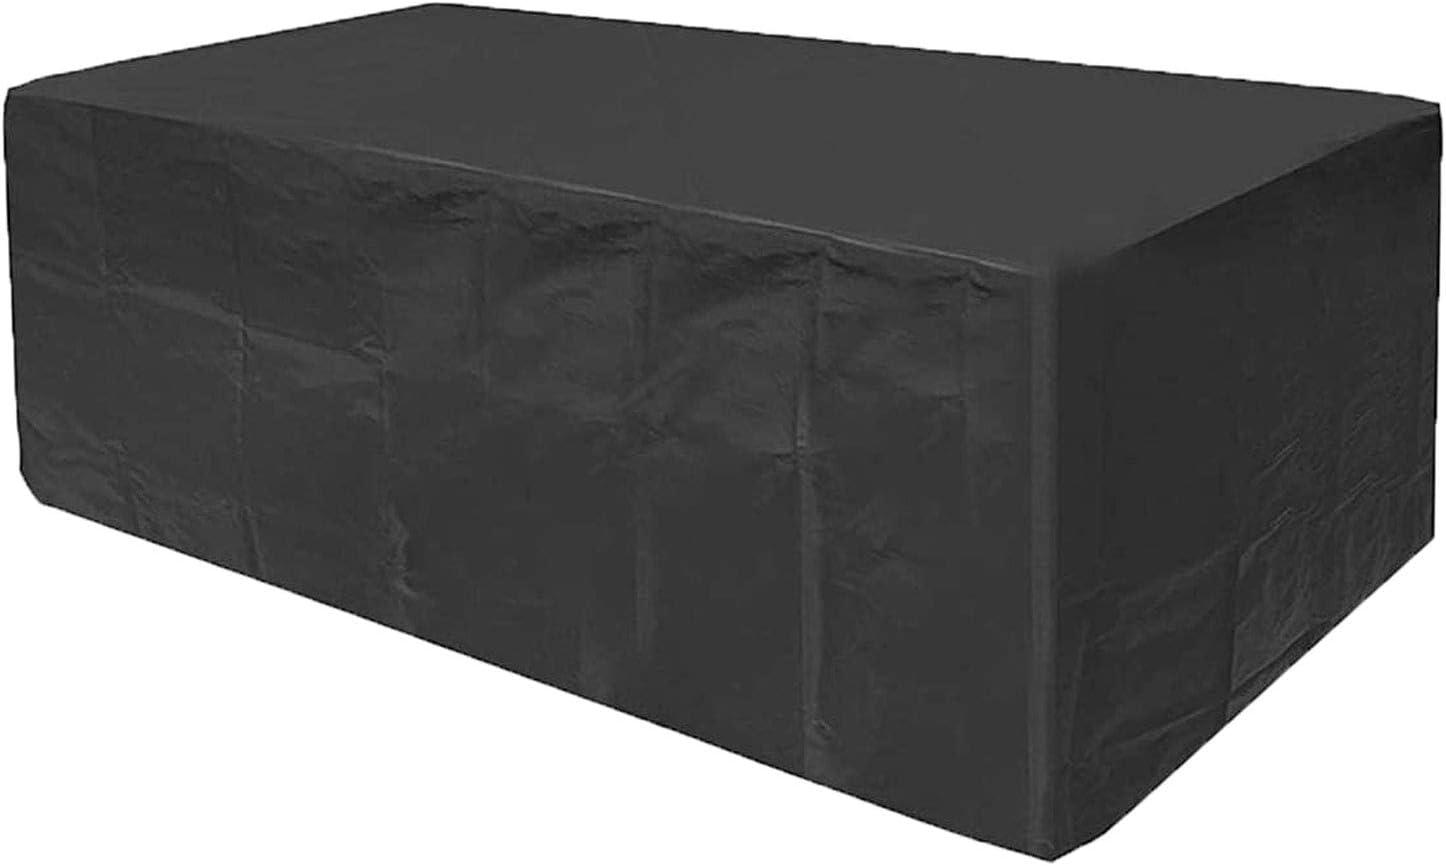 ZXHQ Cubierta De Muebles JardíN 70x70x120cm, Funda Muebles Terraza Exterior, Protectora para Mesa De Patio A Prueba DecoloracióN Impermeable Anti Rayos UV para Sofa Mesas Y Sillas